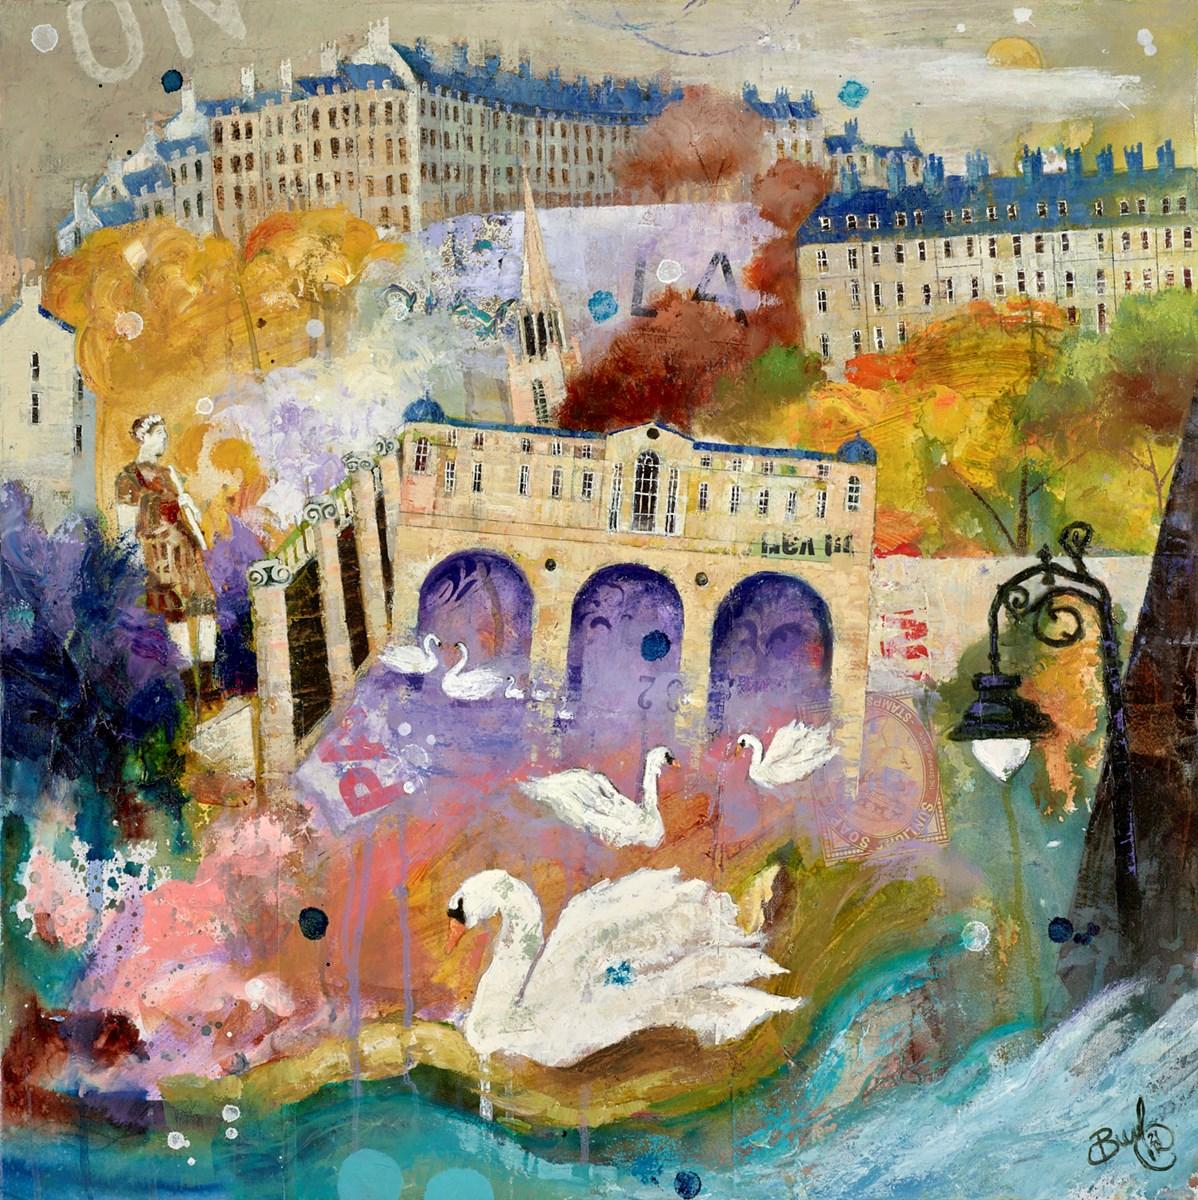 Swans of Bath II